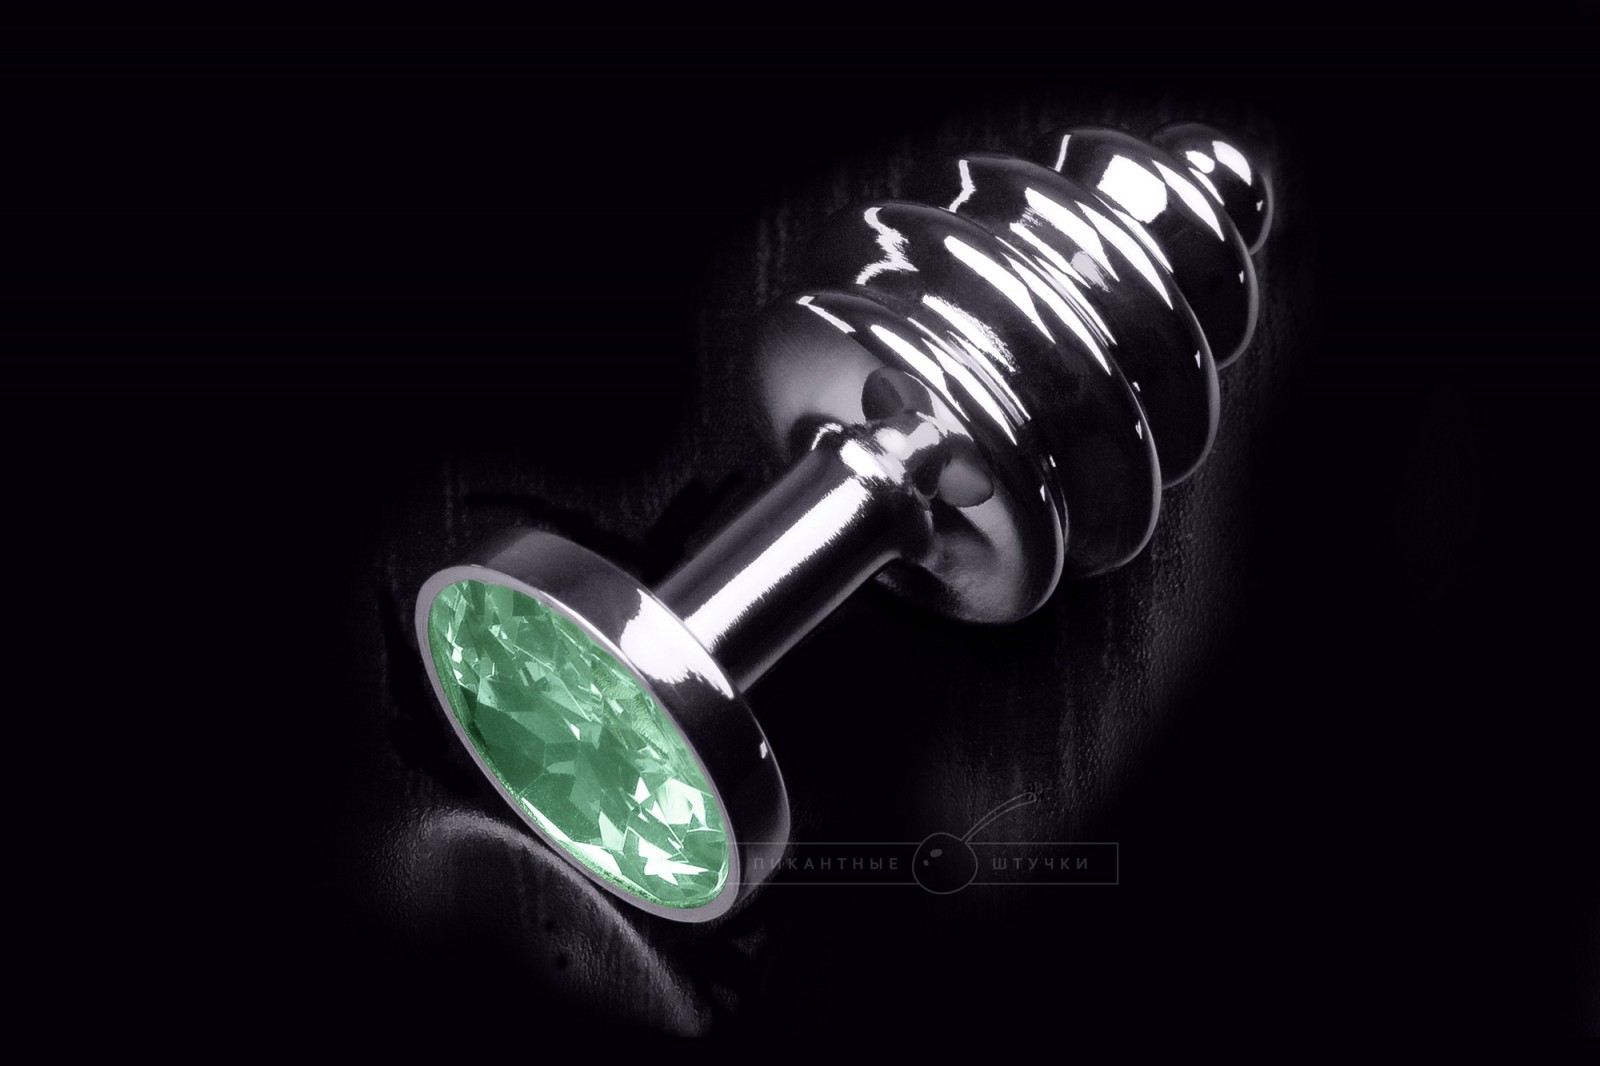 Малая серебристая витая анальная пробка с кристаллом, зеленым